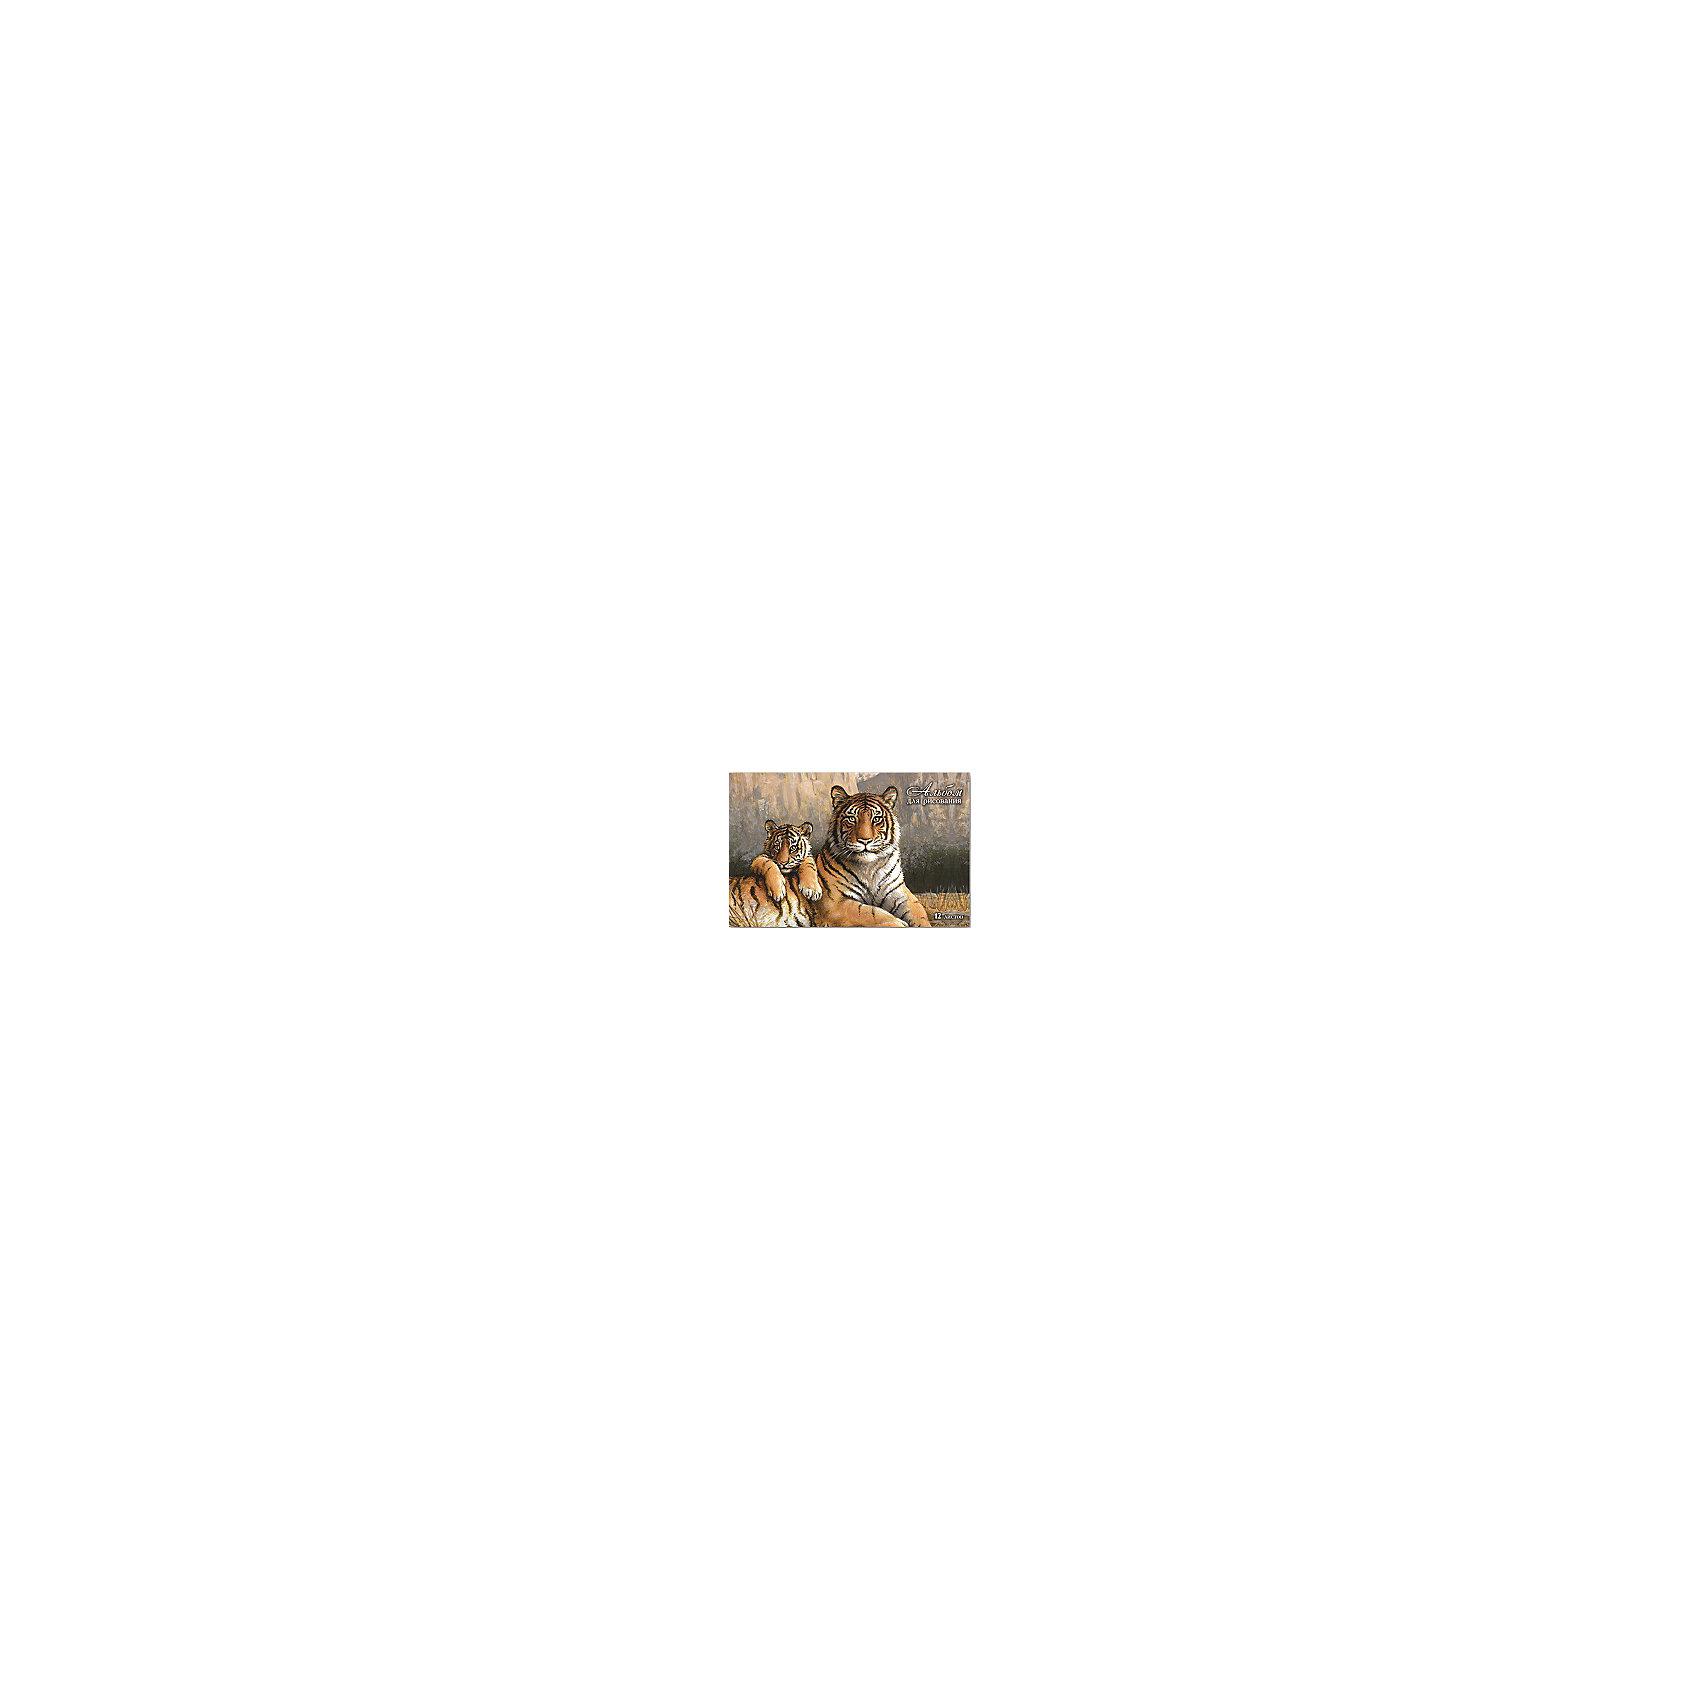 Альбом для рисования Тигрица и детеныш, 12лБумажная продукция<br>Скоро 1 сентября, а значит Вашему ребенку обязательно понадобиться альбом для рисования!<br><br>Дополнительная информация:<br><br>- Возраст: от 3 лет.<br>- 12 листов.<br>- Орнамент: красный болид.<br>- Формат: А4.<br>- Материал: бумага, картон.<br>- Размер упаковки: 28,5х20х0,3 см.<br>- Вес в упаковке: 90 г.<br><br>Купить альбом для рисования Тигрица и детеныш можно в нашем магазине.<br><br>Ширина мм: 285<br>Глубина мм: 200<br>Высота мм: 3<br>Вес г: 90<br>Возраст от месяцев: 36<br>Возраст до месяцев: 2147483647<br>Пол: Унисекс<br>Возраст: Детский<br>SKU: 4943564